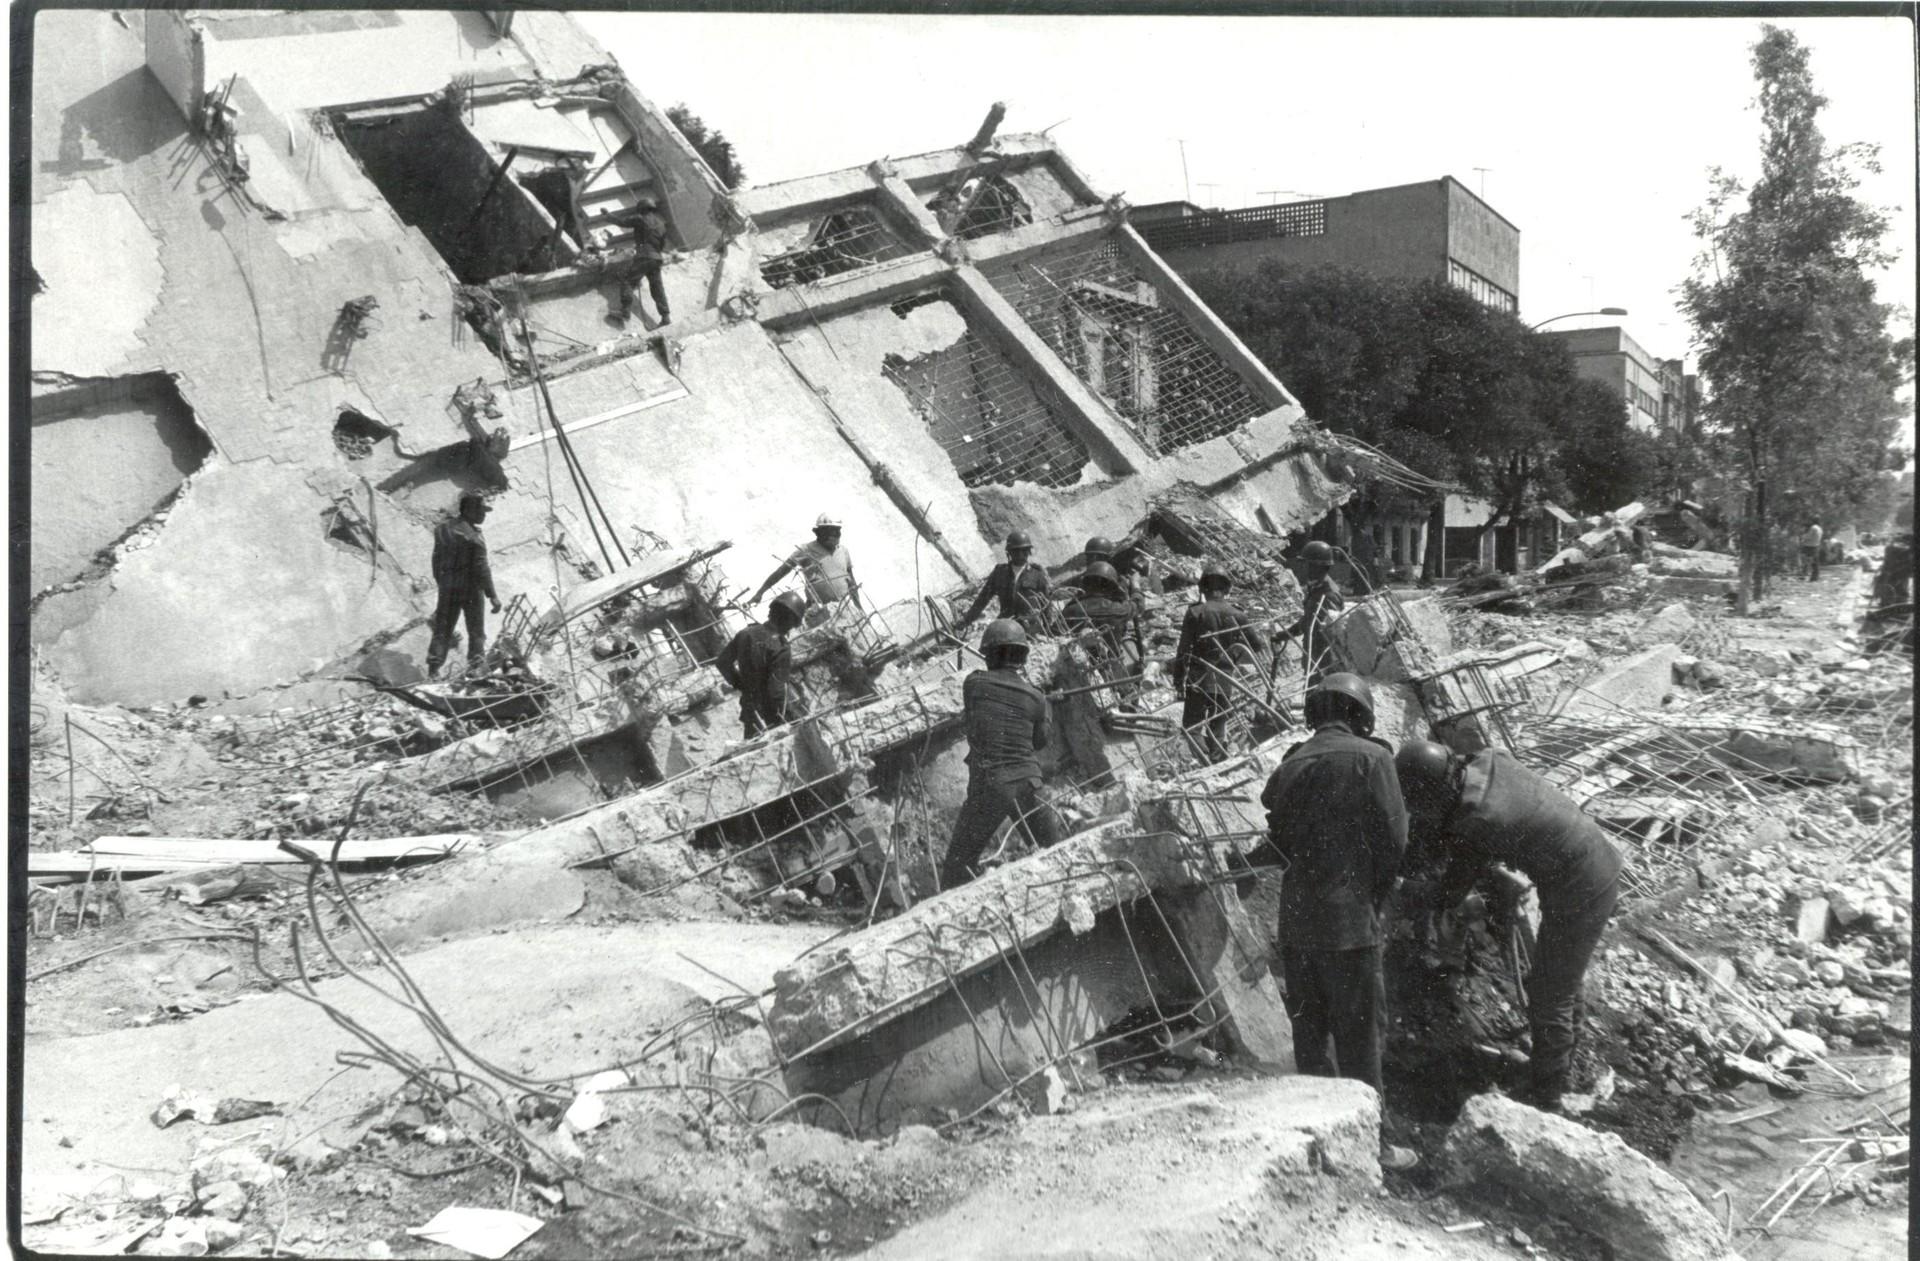 Labores de rescate después del sismo de 1985